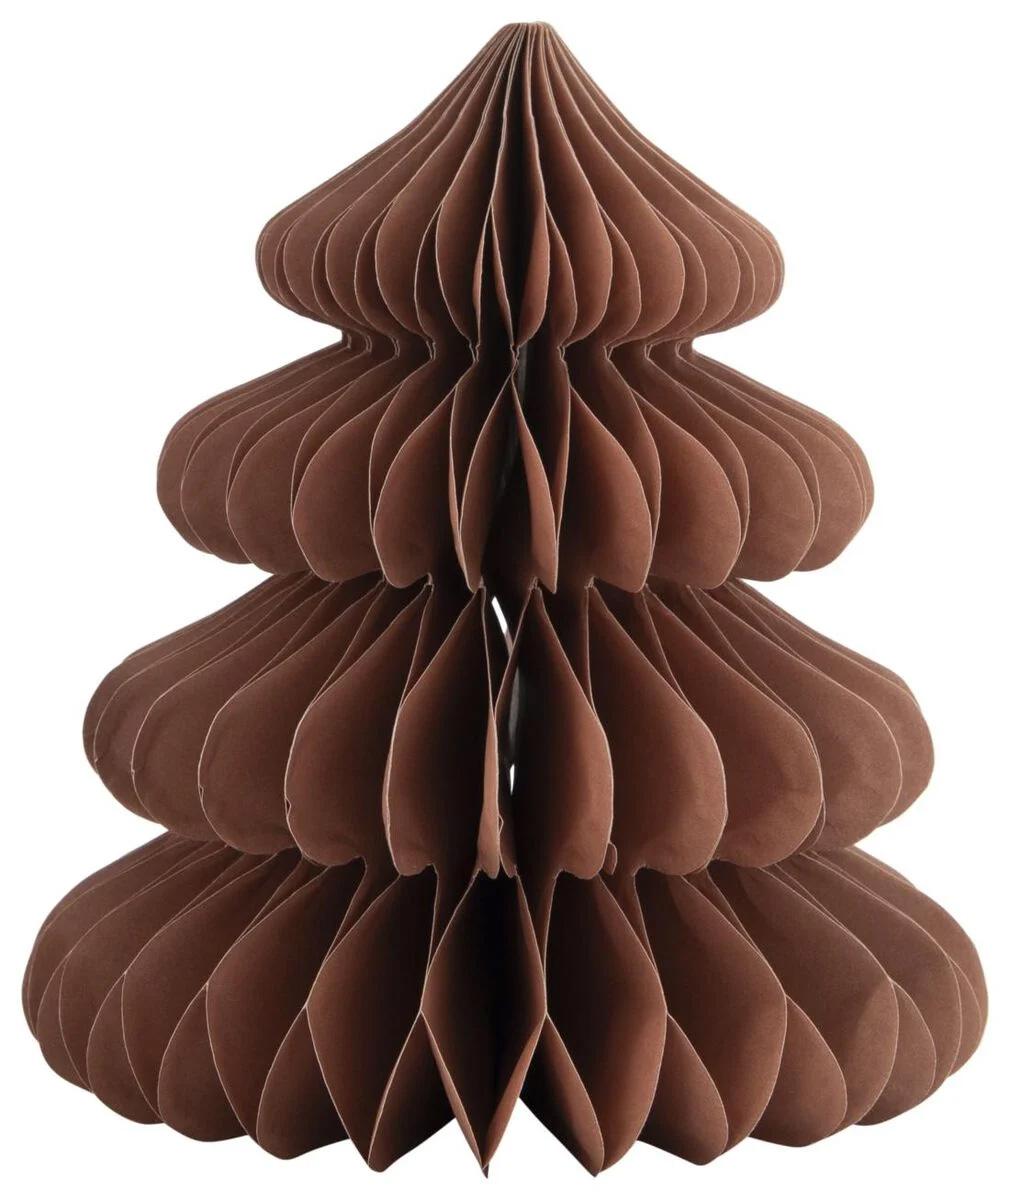 Papieren-kerstversiering-kerstdecoratie-kerstballen-papieren-kerstbomen-papieren-kerstboom